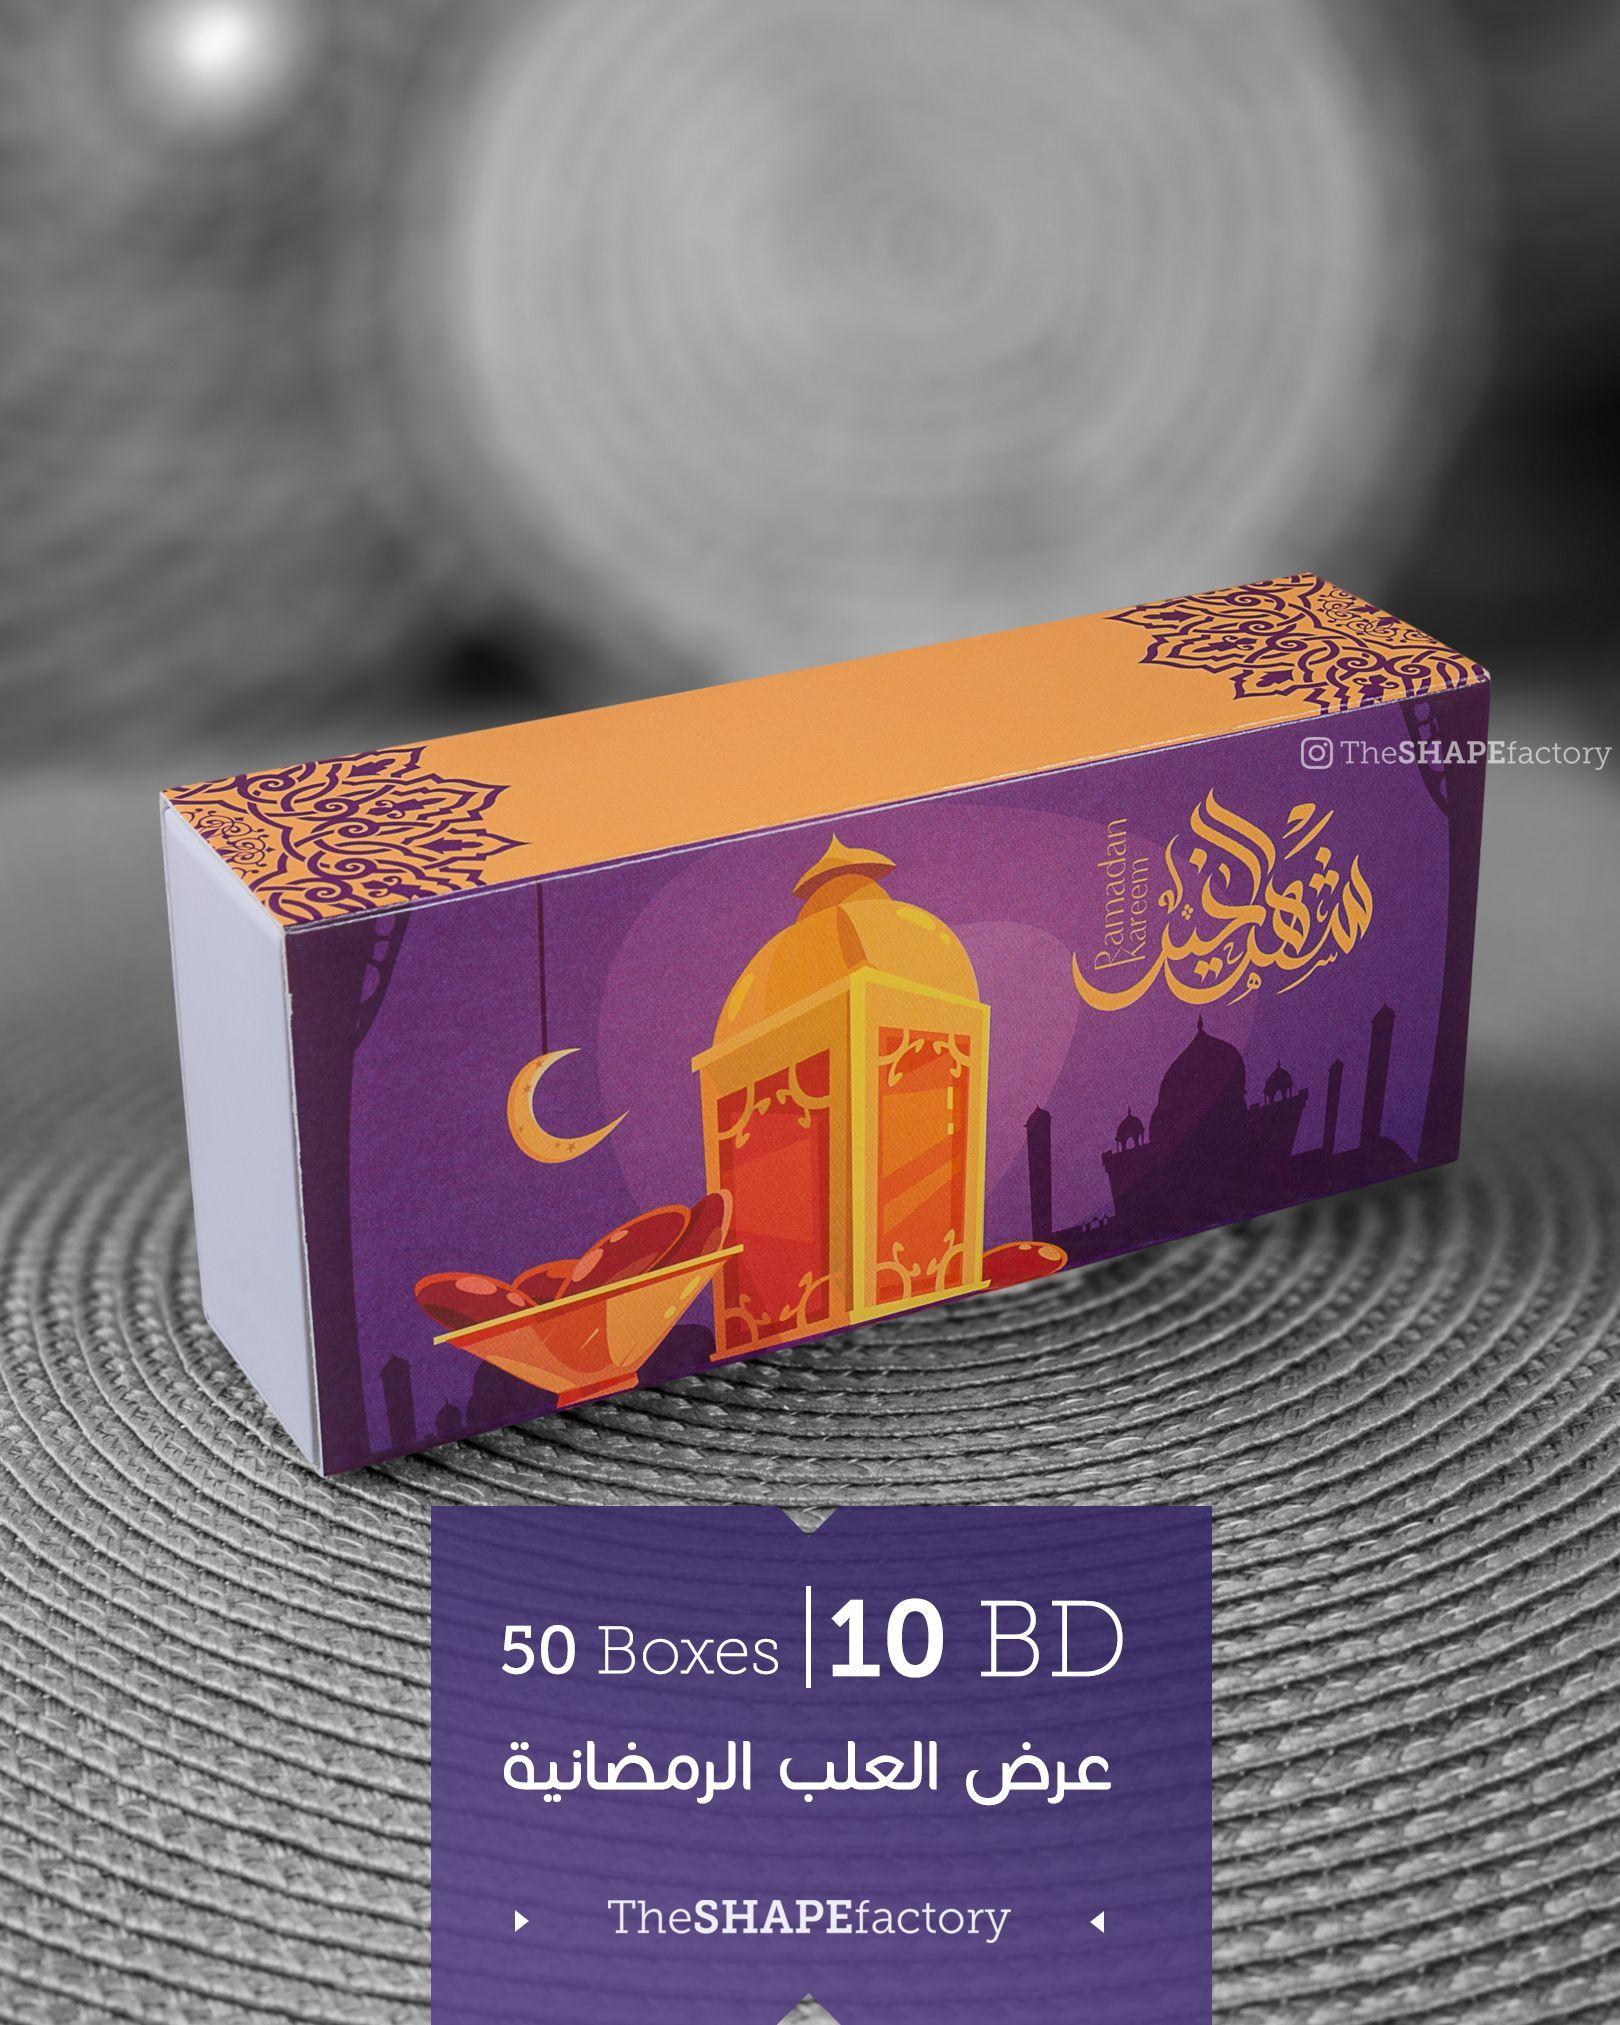 علب تهنئة بقدوم شهر رمضان هذلين نفس اللي خلصوا قبل بس حاليا بتصميم جديد Shape Code Bx0031 القياسات الطول 14 Cm العرض Cards Gum 10 Things